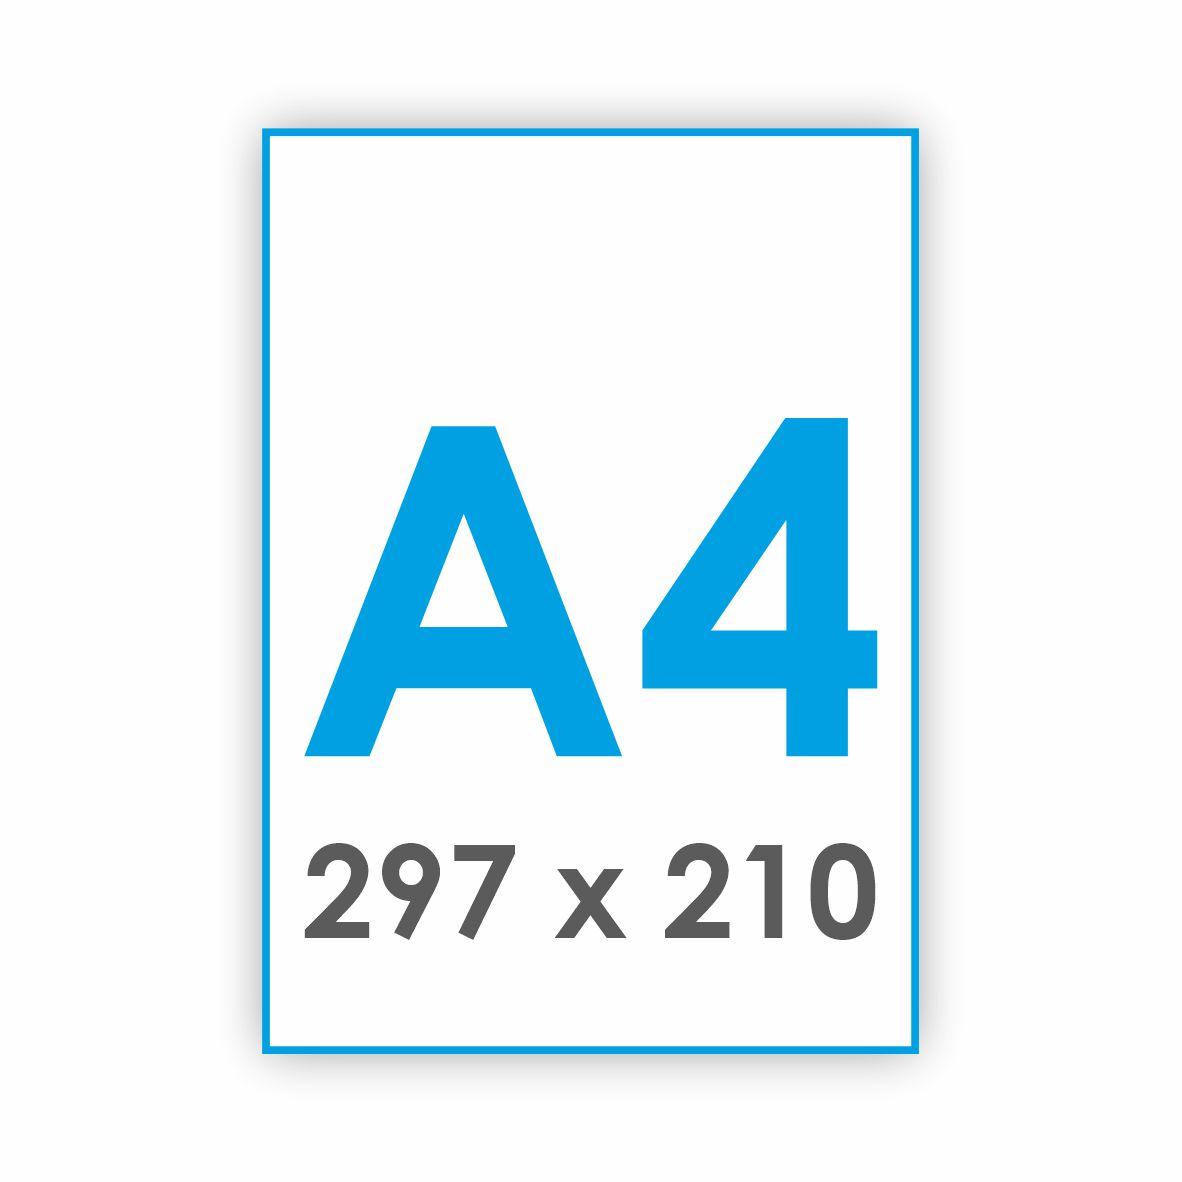 A4 - 297 x 210 mm